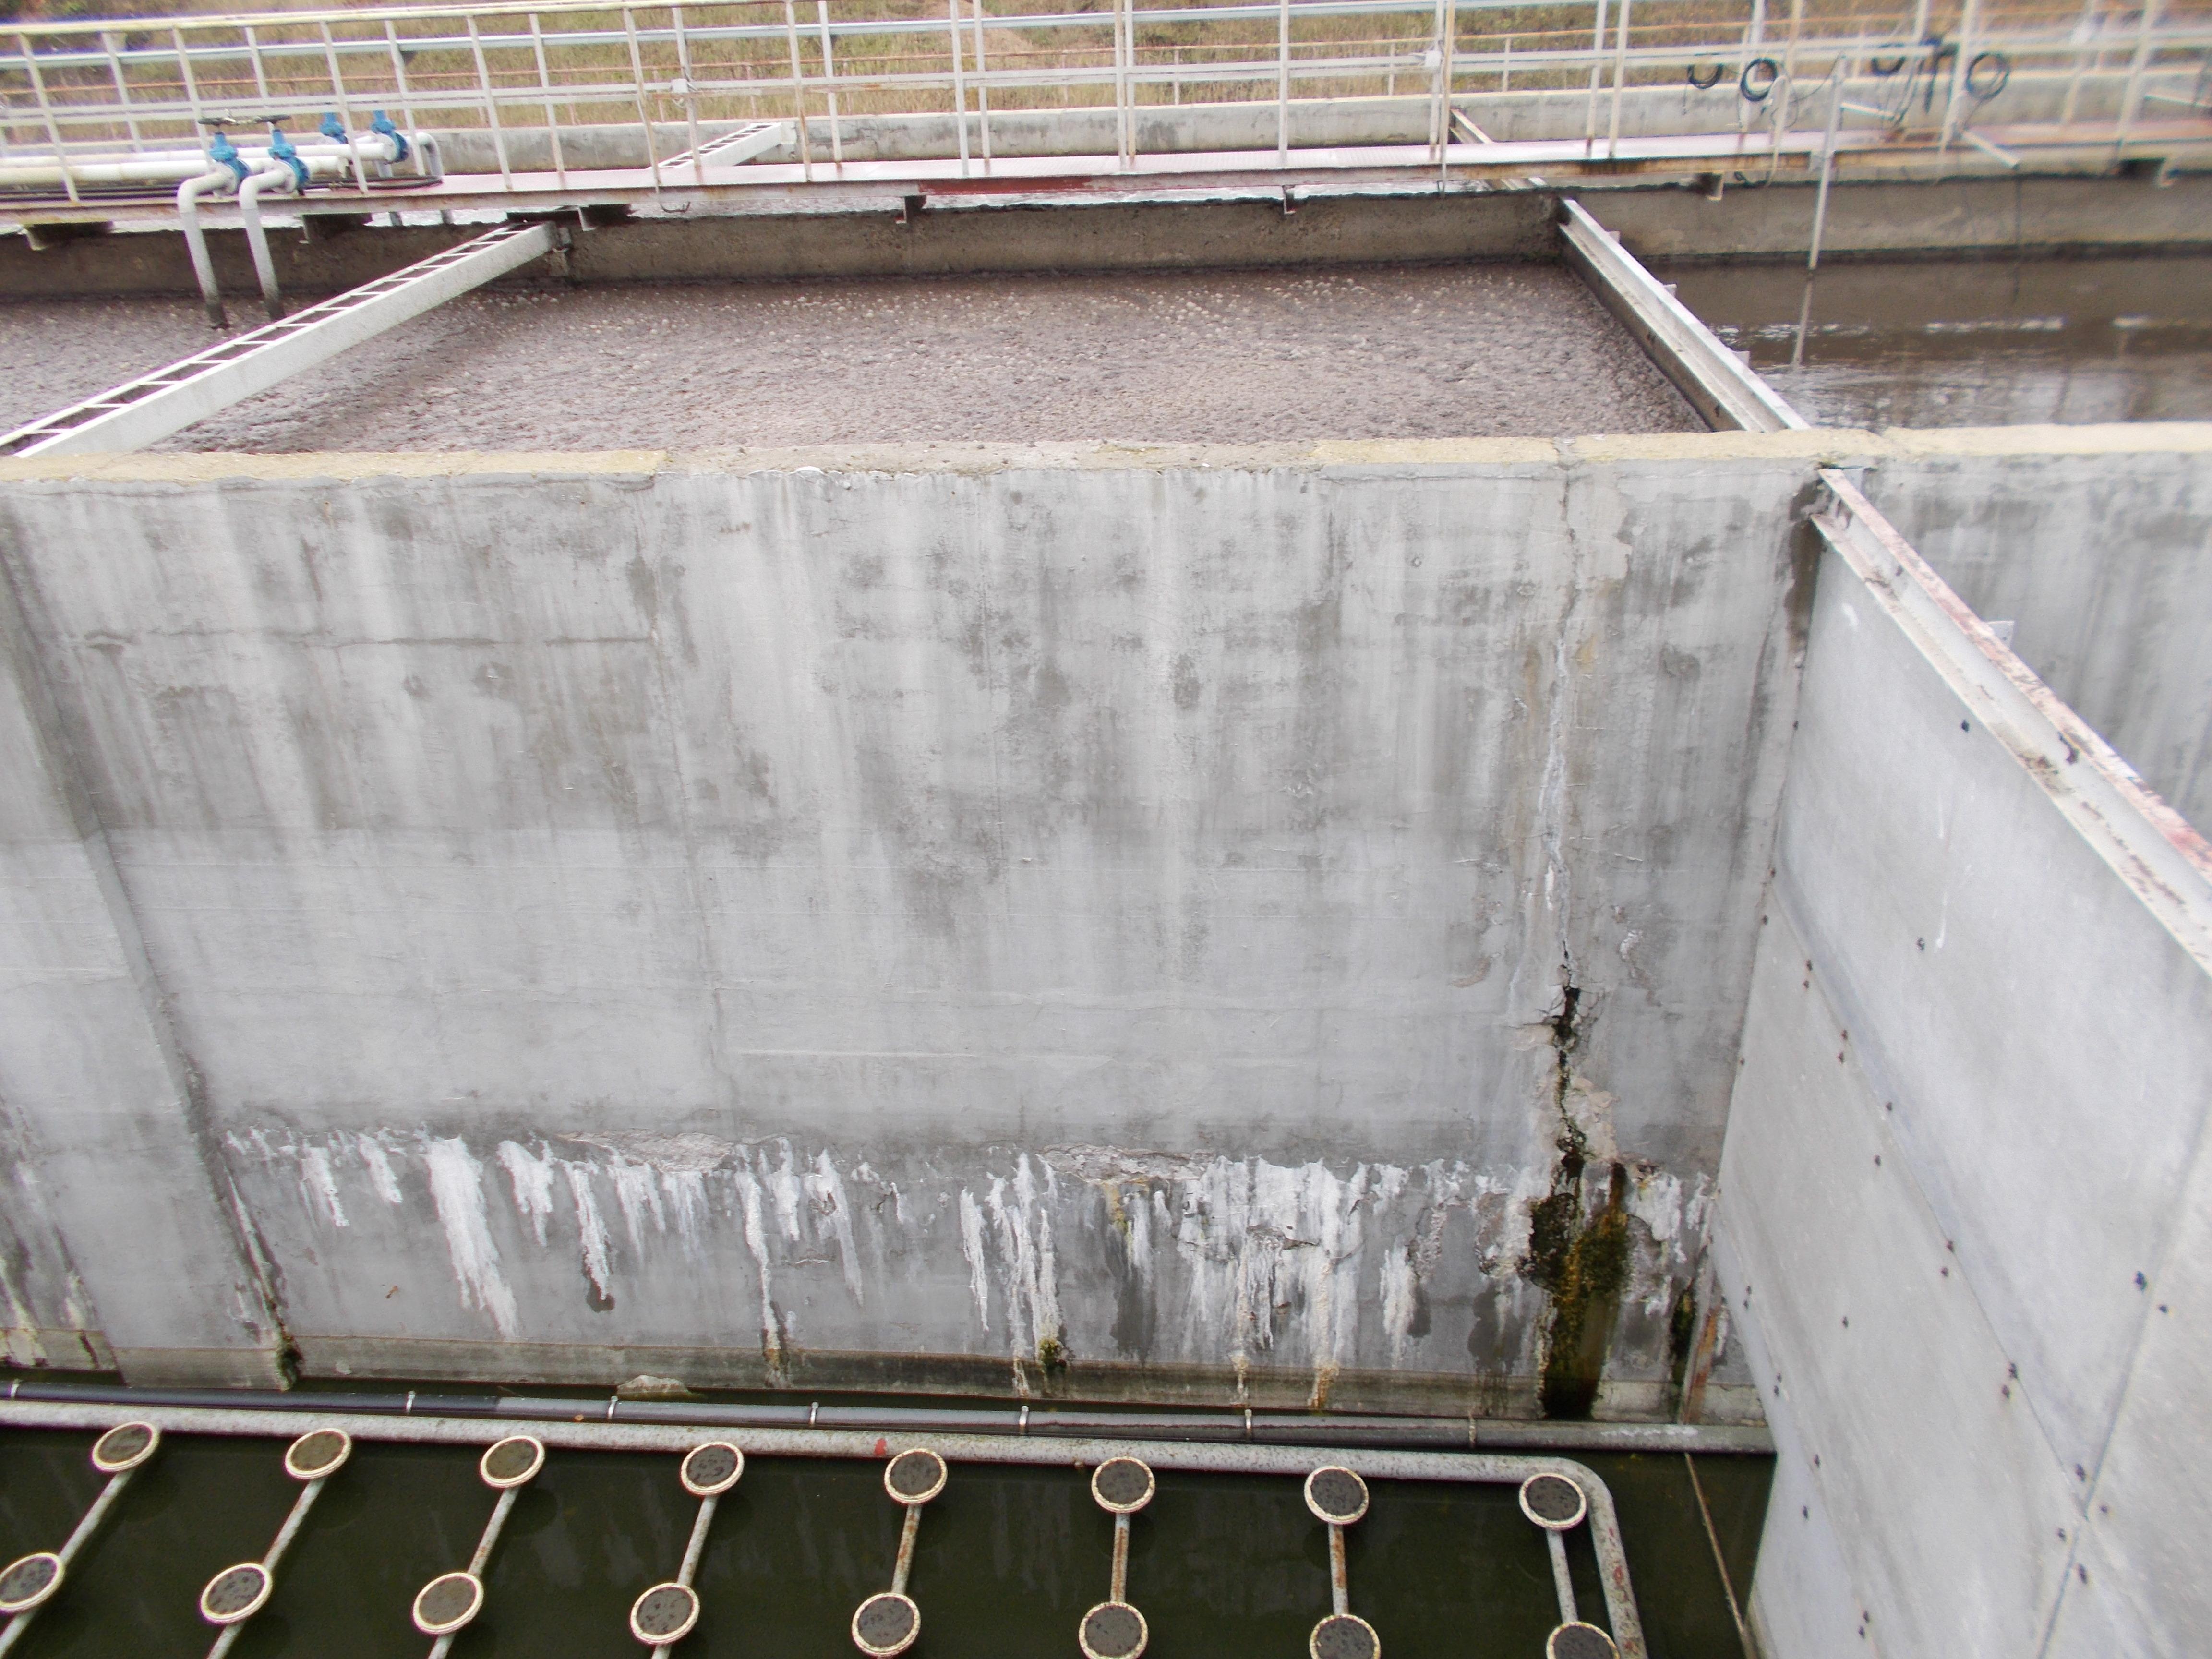 Хуже не бывает, или история с реконструкцией водоканала в Сосновке